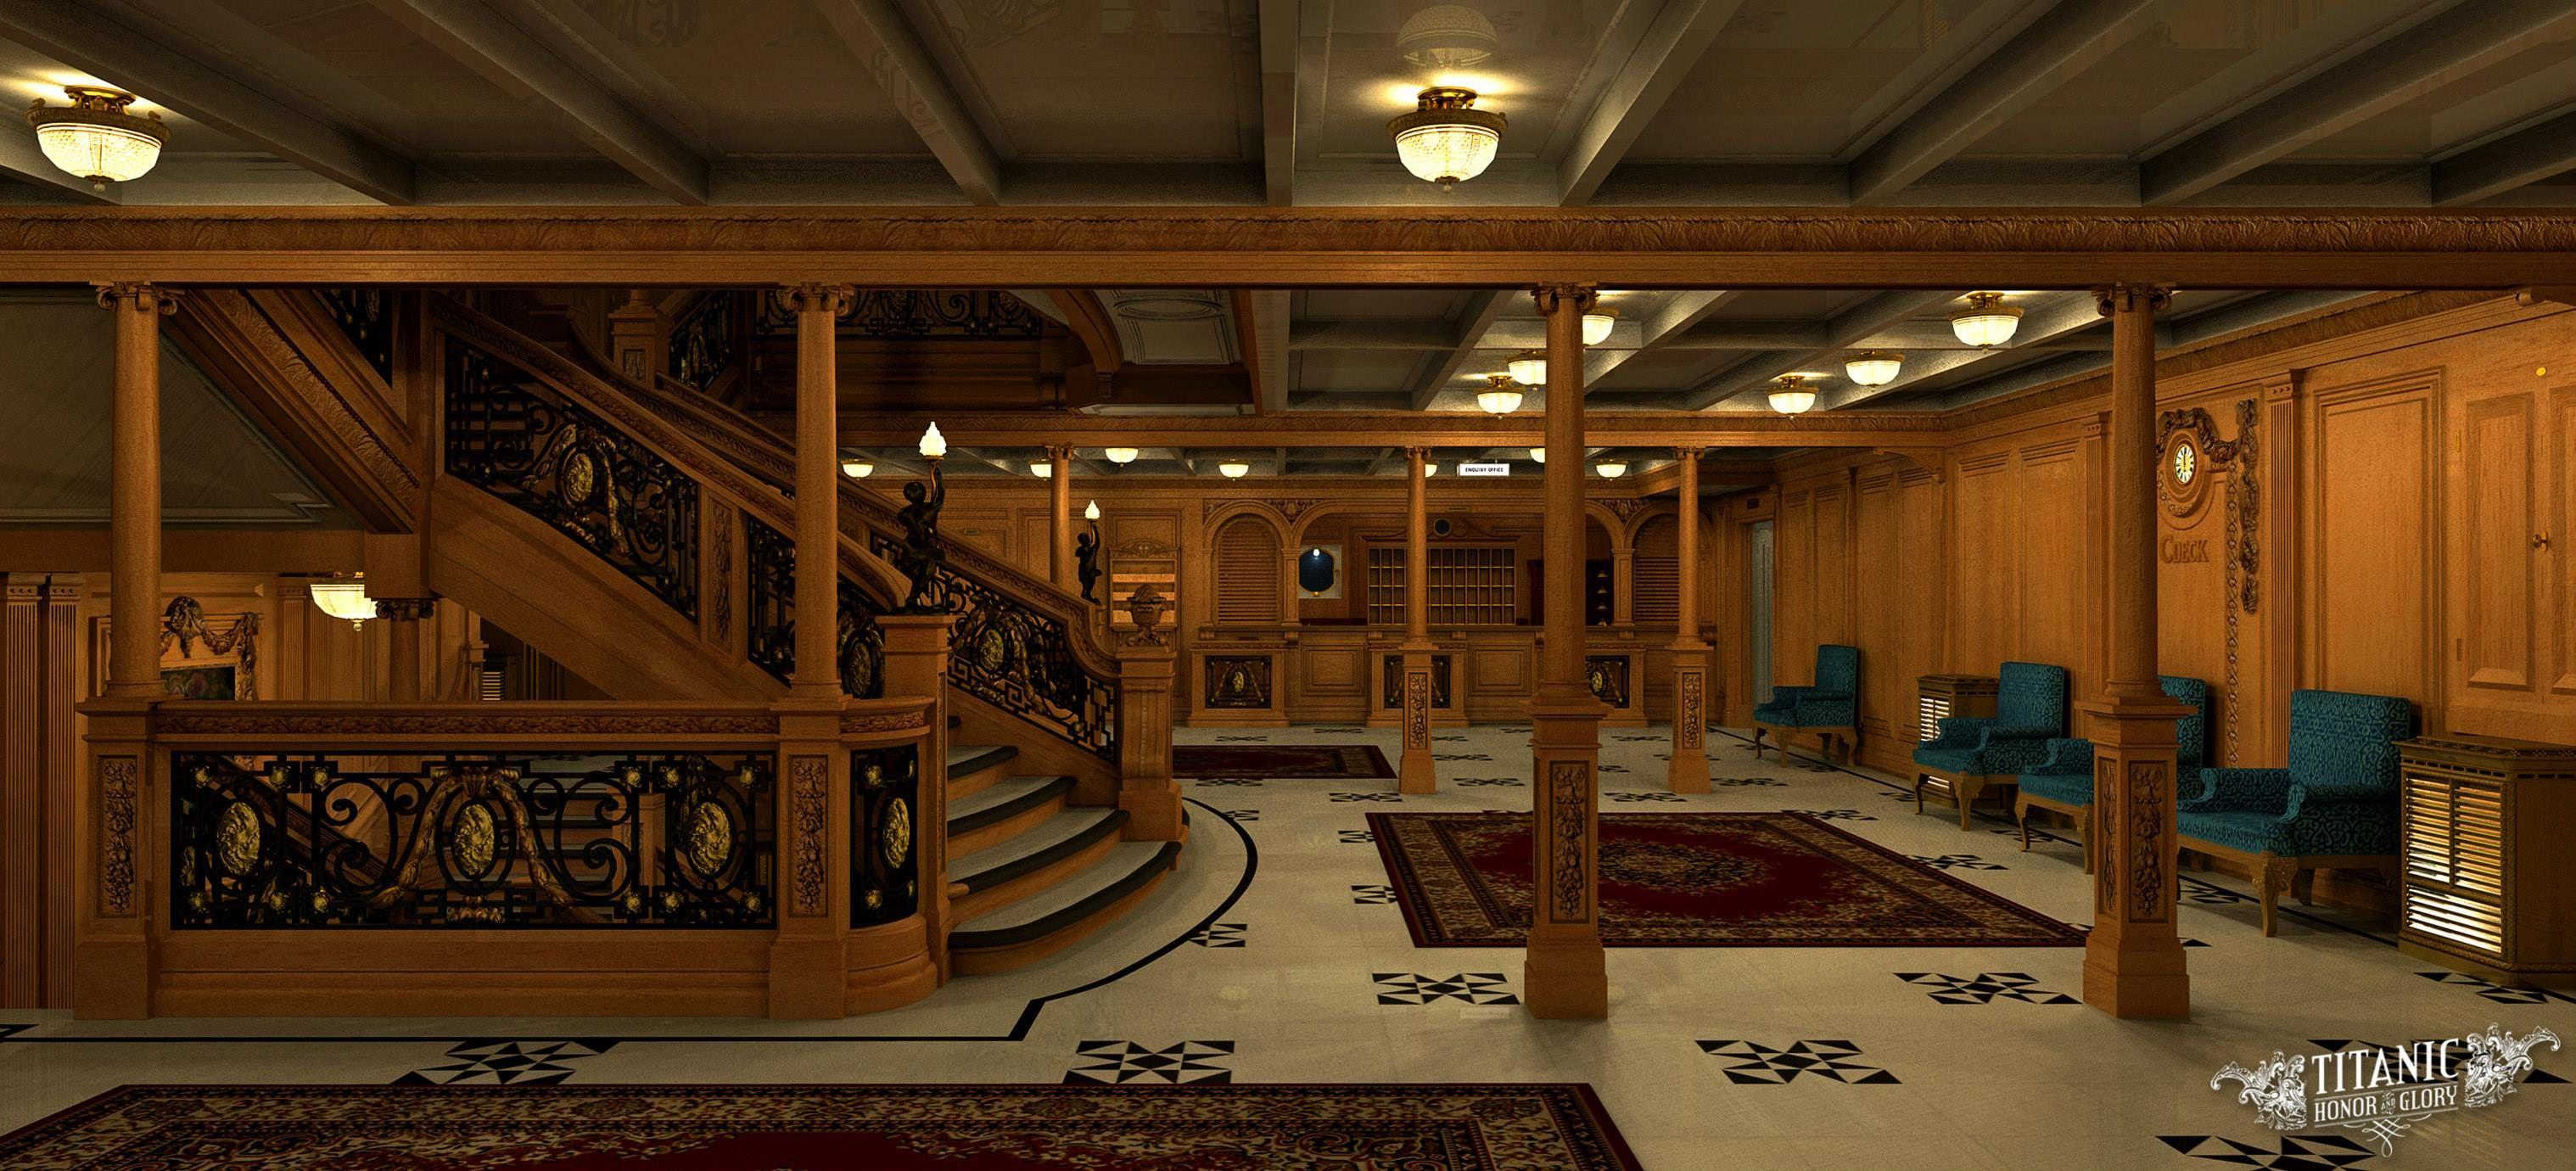 Foyer Wallpaper Xbox : Titanic c deck entrance rms s lusitania